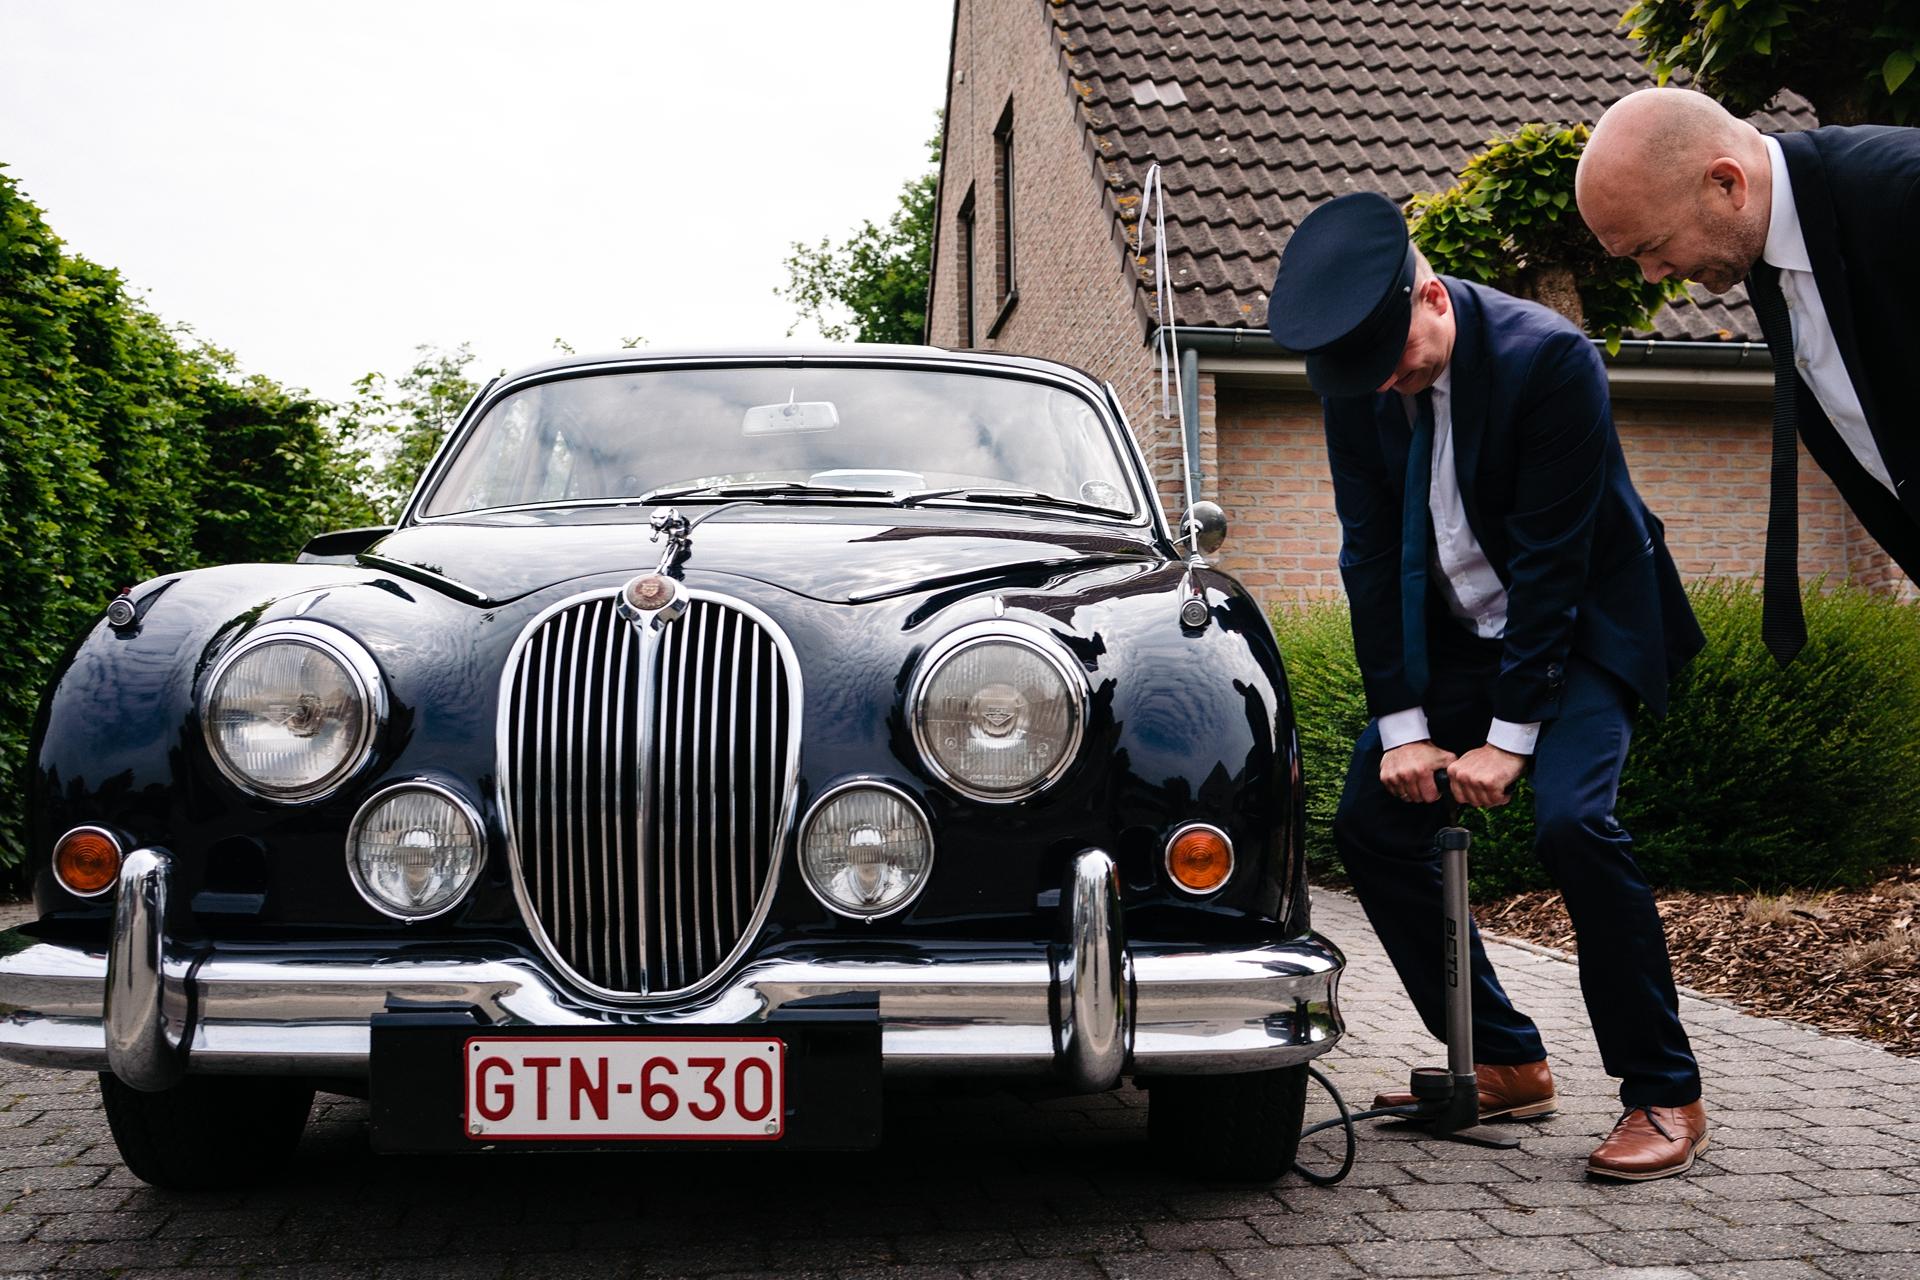 Photographe de mariage a capturé cette image du conducteur de la voiture de cérémonie a une crevaison juste avant que le couple ait besoin de partir - moments stressants de la photographie de mariage